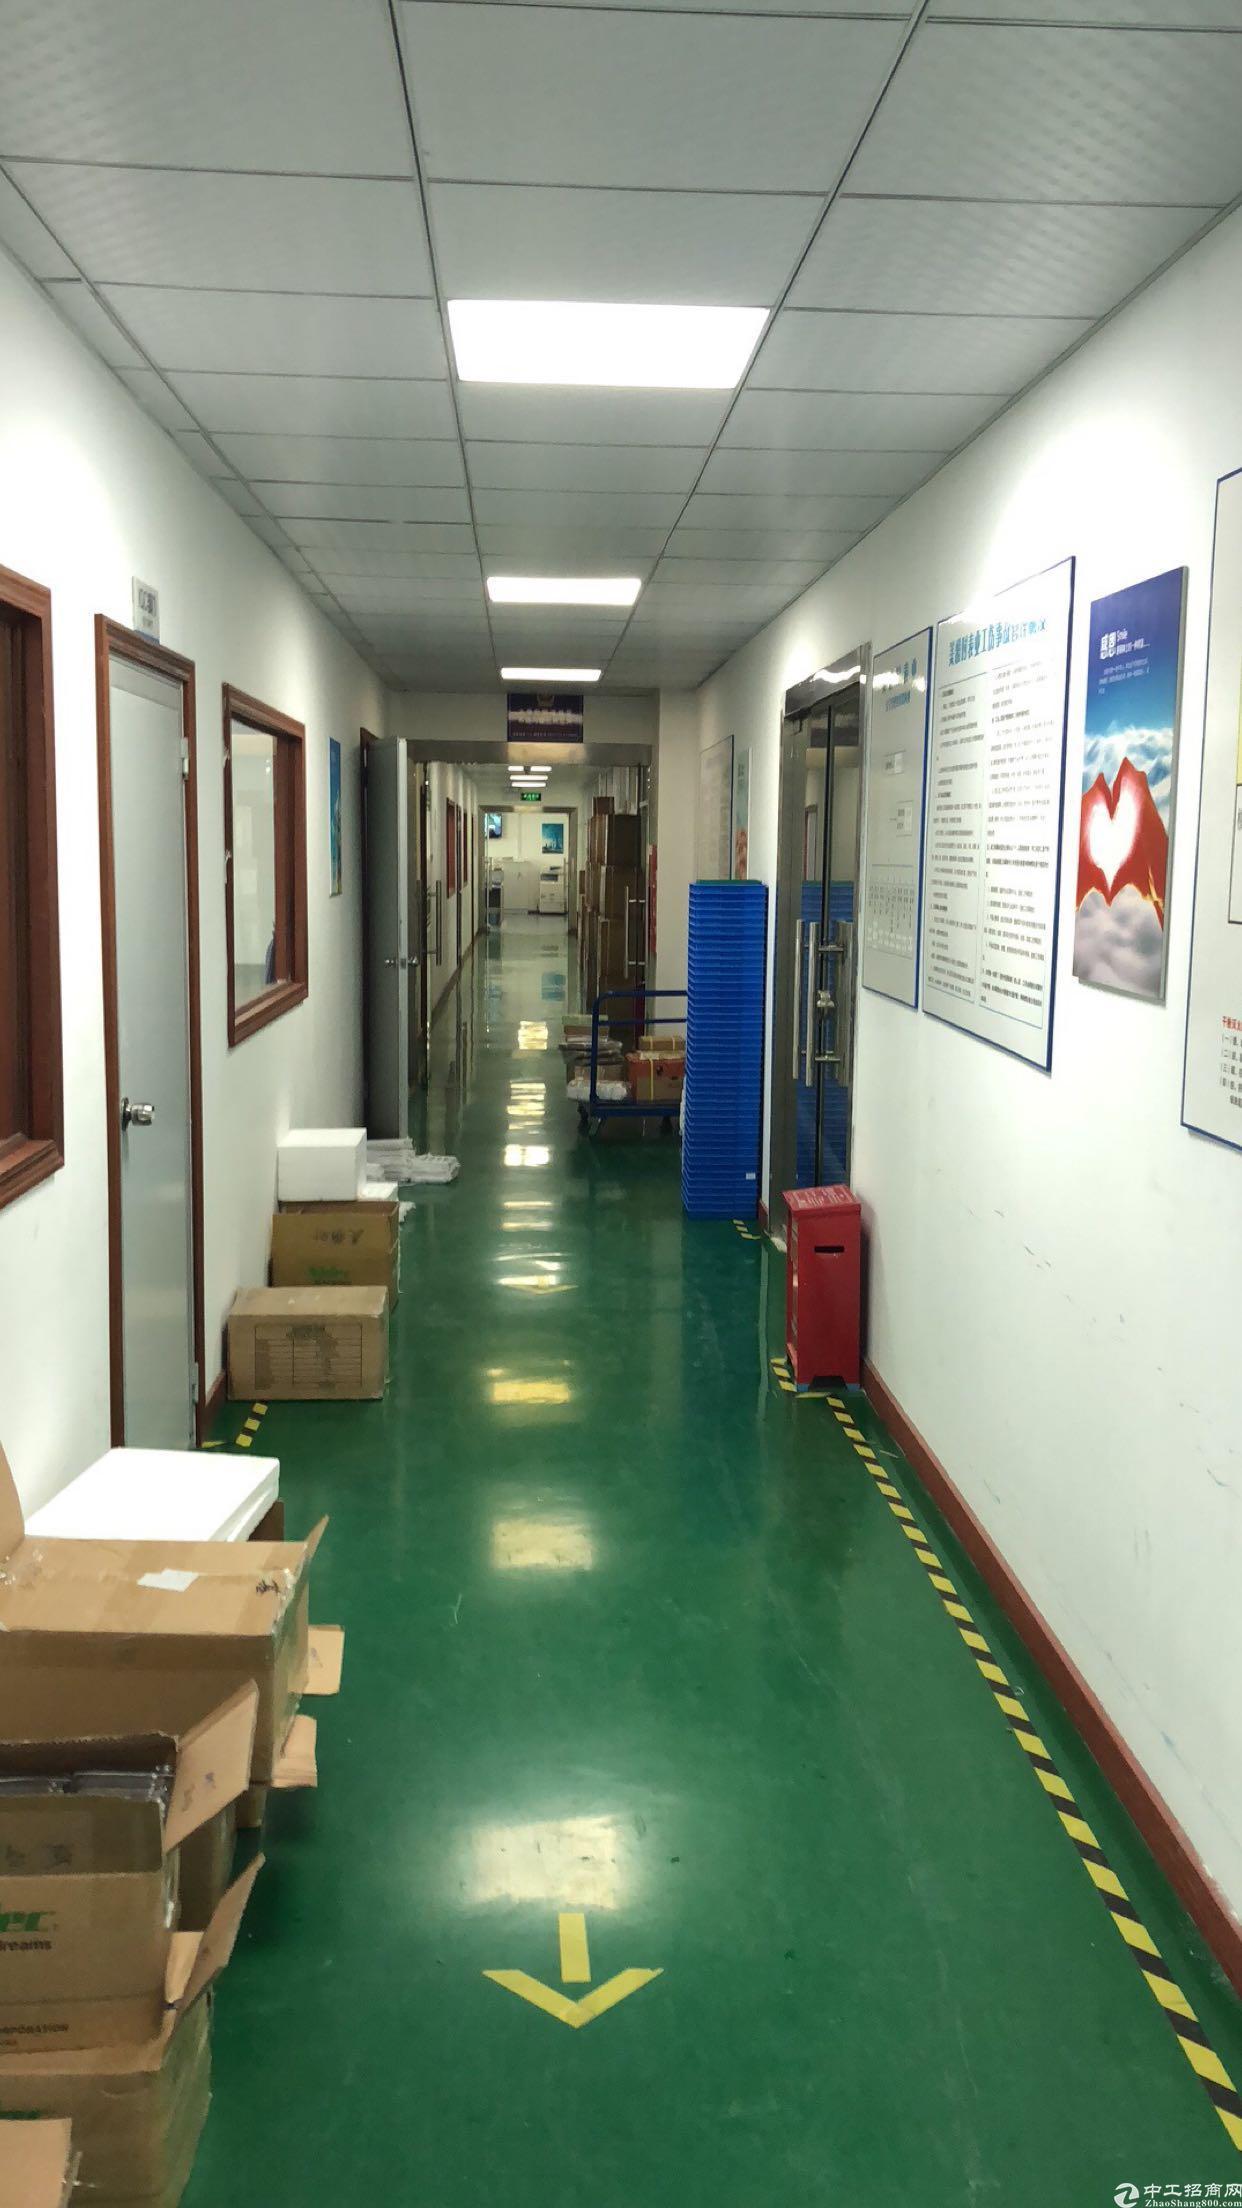 龙华办公加仓库出租总共600平米 位于龙大高速出入口